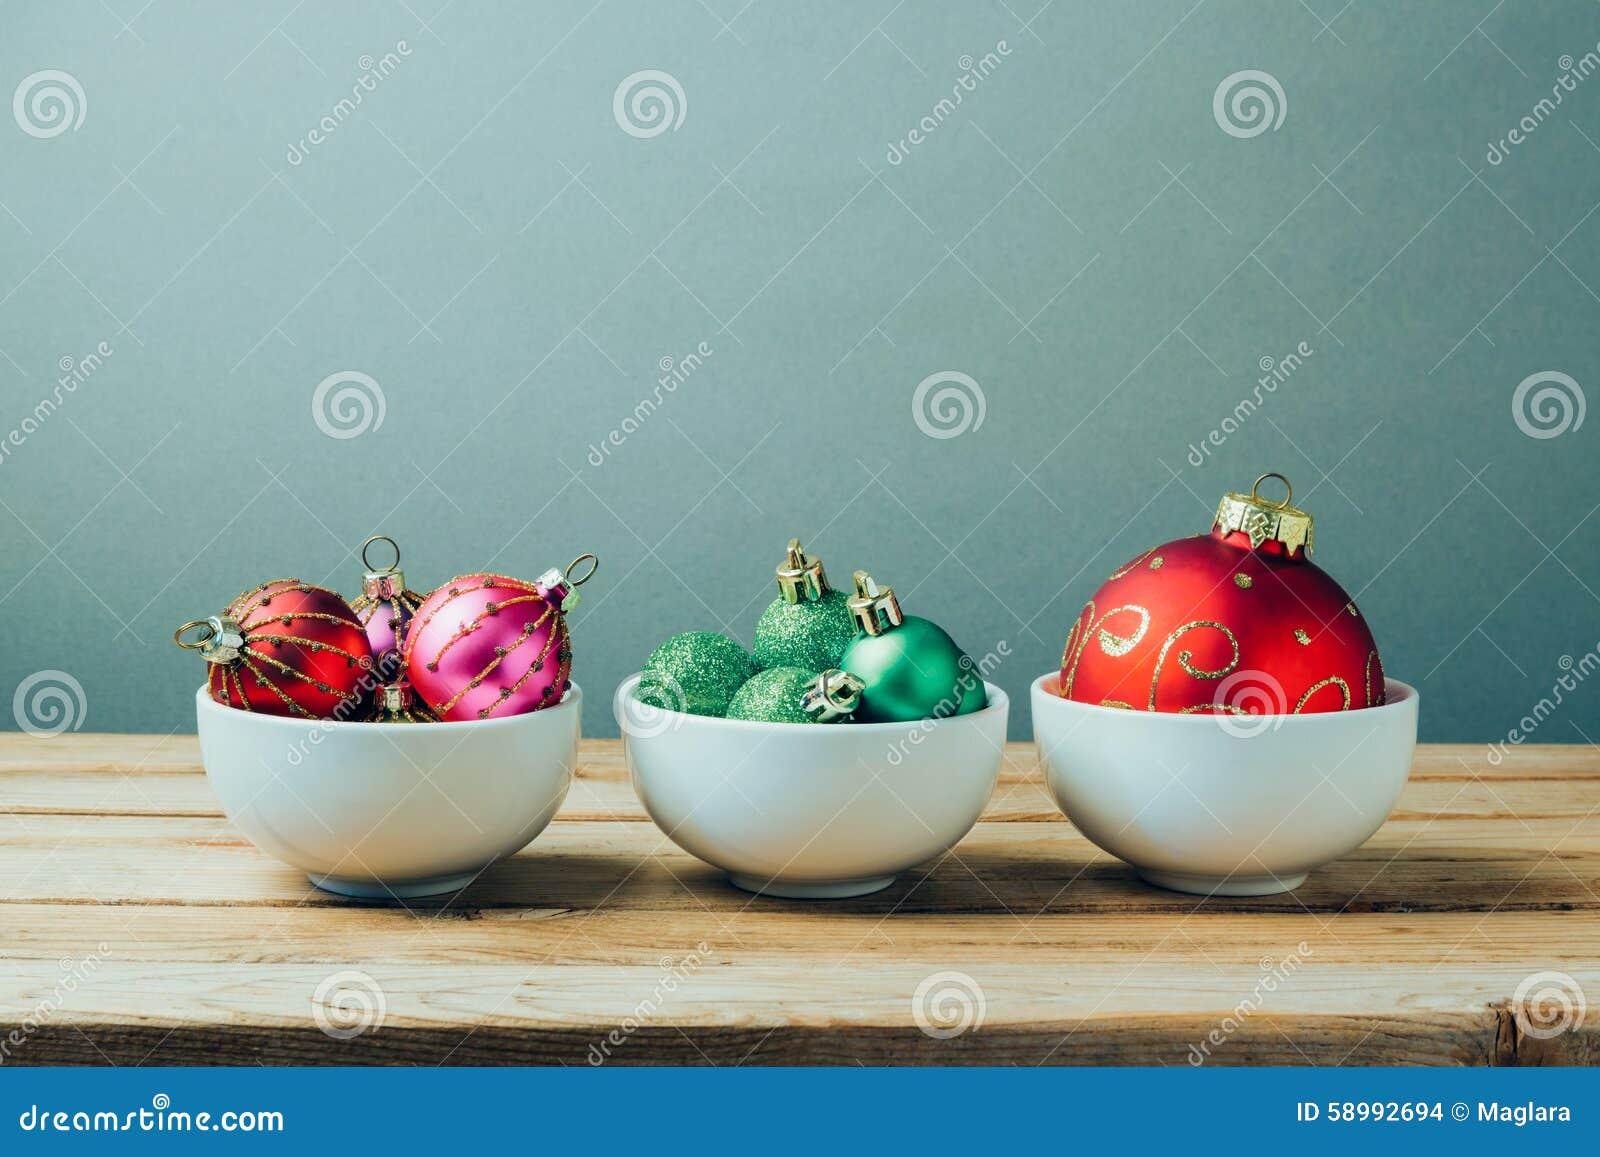 Decorazioni ed ornamenti di natale sulla tavola di legno for Antifurto con le palle